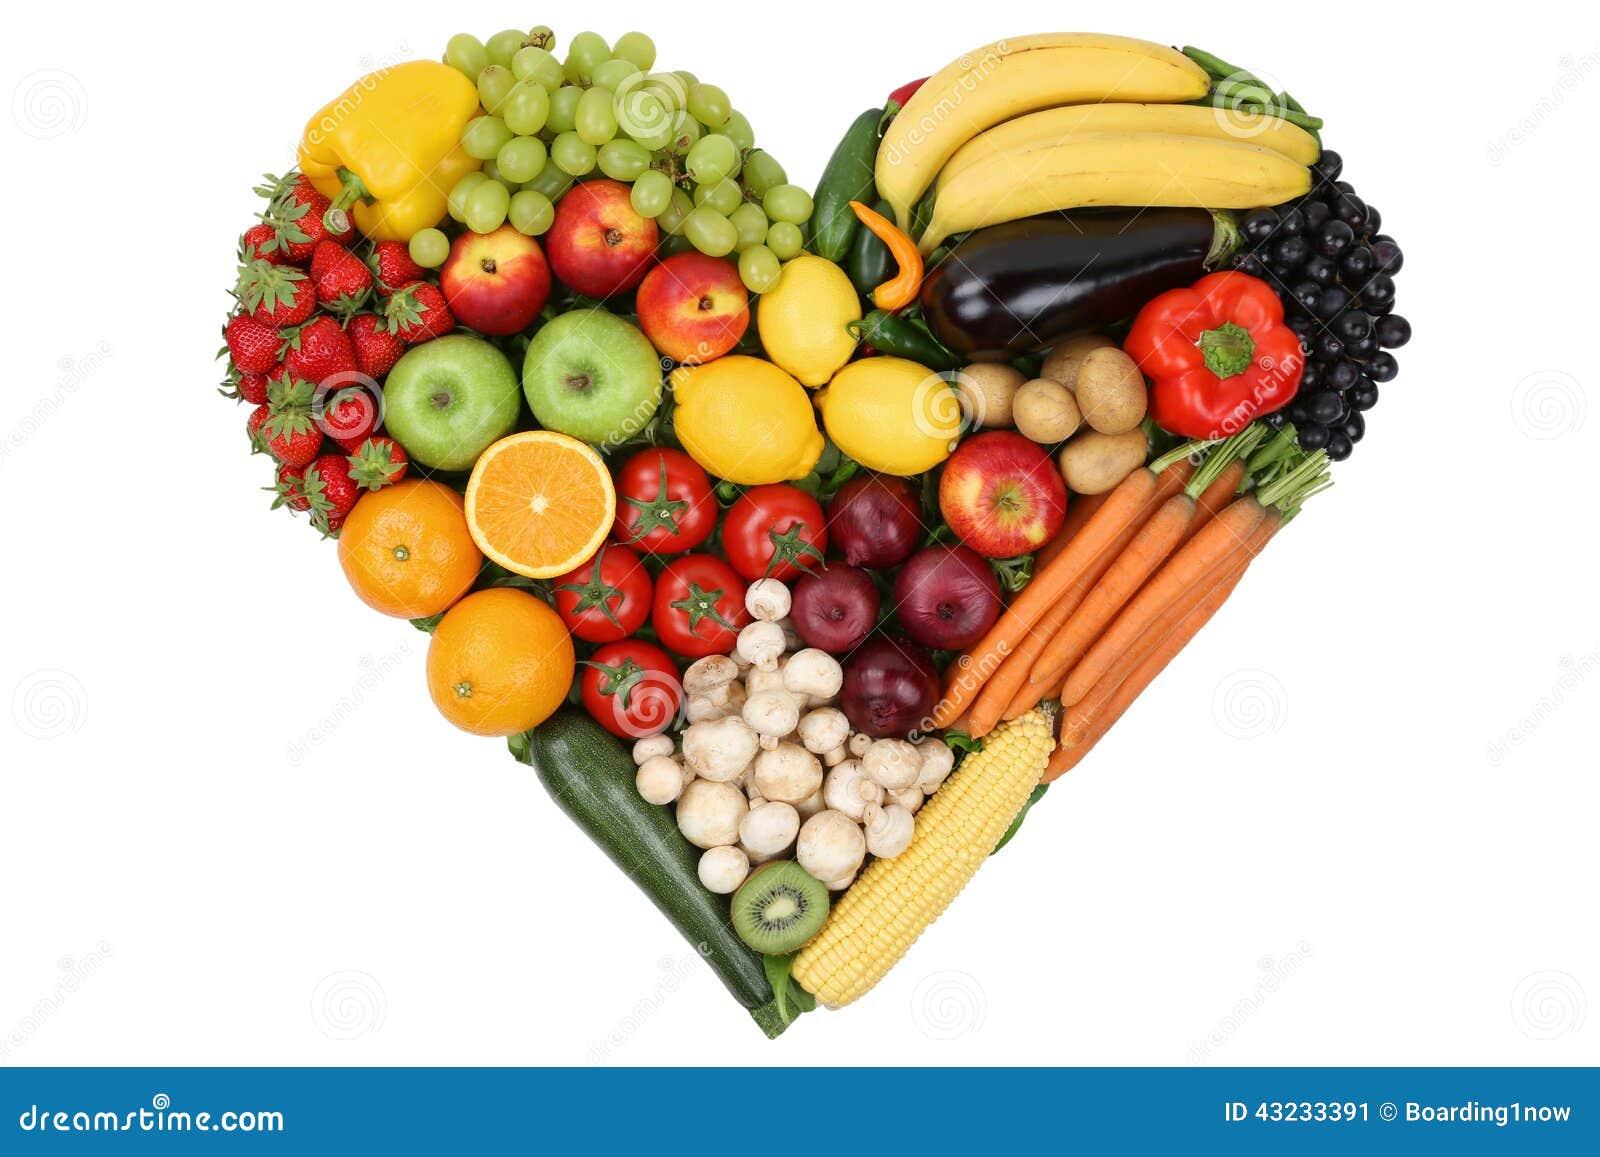 Les fruits et l gumes formant le coeur aiment le sujet et l 39 eatin sain image stock image du - Fruits et legumes de a a z ...